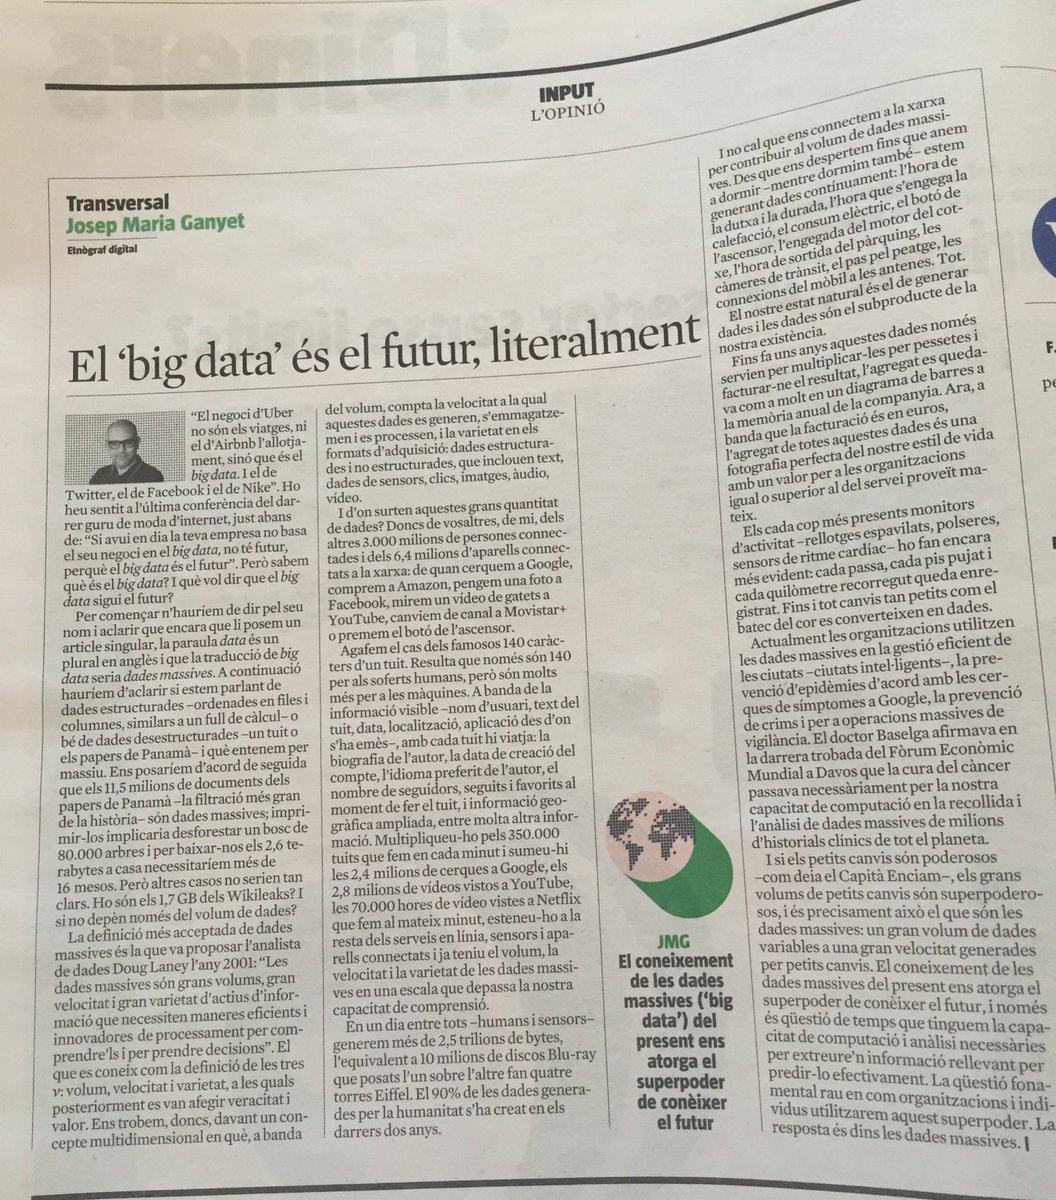 Dos motius per comprar @LaVanguardia d'avui (1) gran article de @ganyet sobre #bigdata tots a llegir-ho https://t.co/XWHtGxZZyM